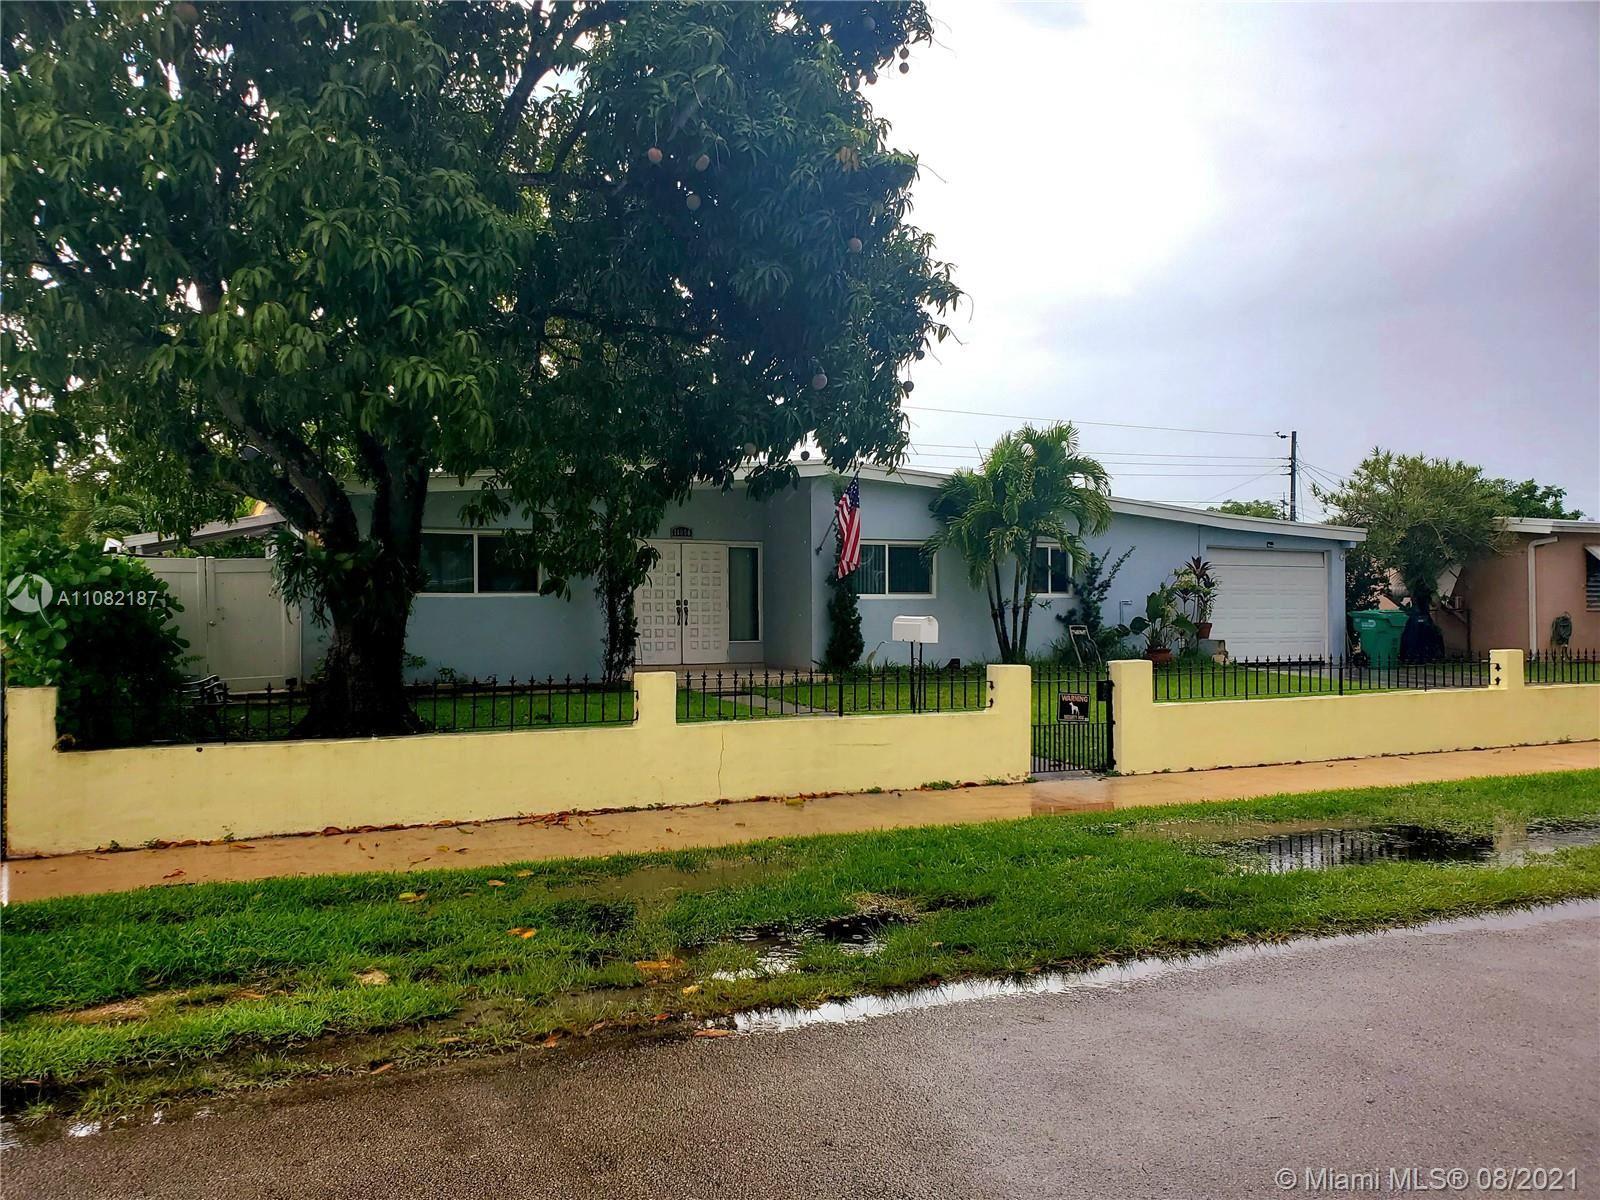 11060 SW 51st Ter, Miami, FL 33165 - #: A11082187